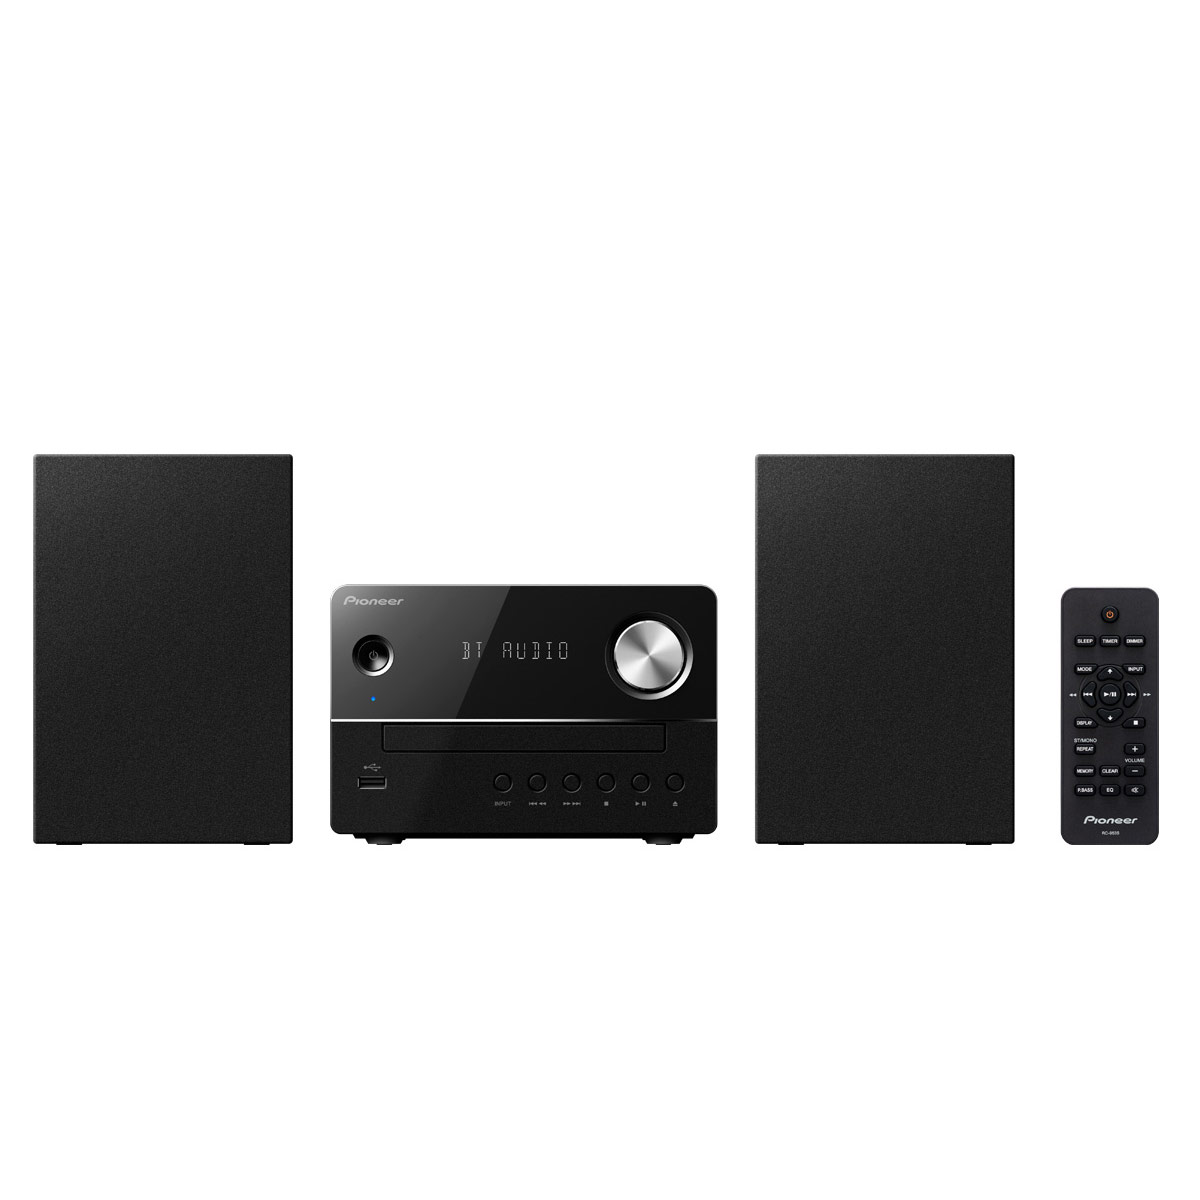 Chaîne Hifi Pioneer X-EM26 Noir Micro-chaîne 2 x 5 Watts CD MP3 FM USB Bluetooth avec entrée auxiliaire